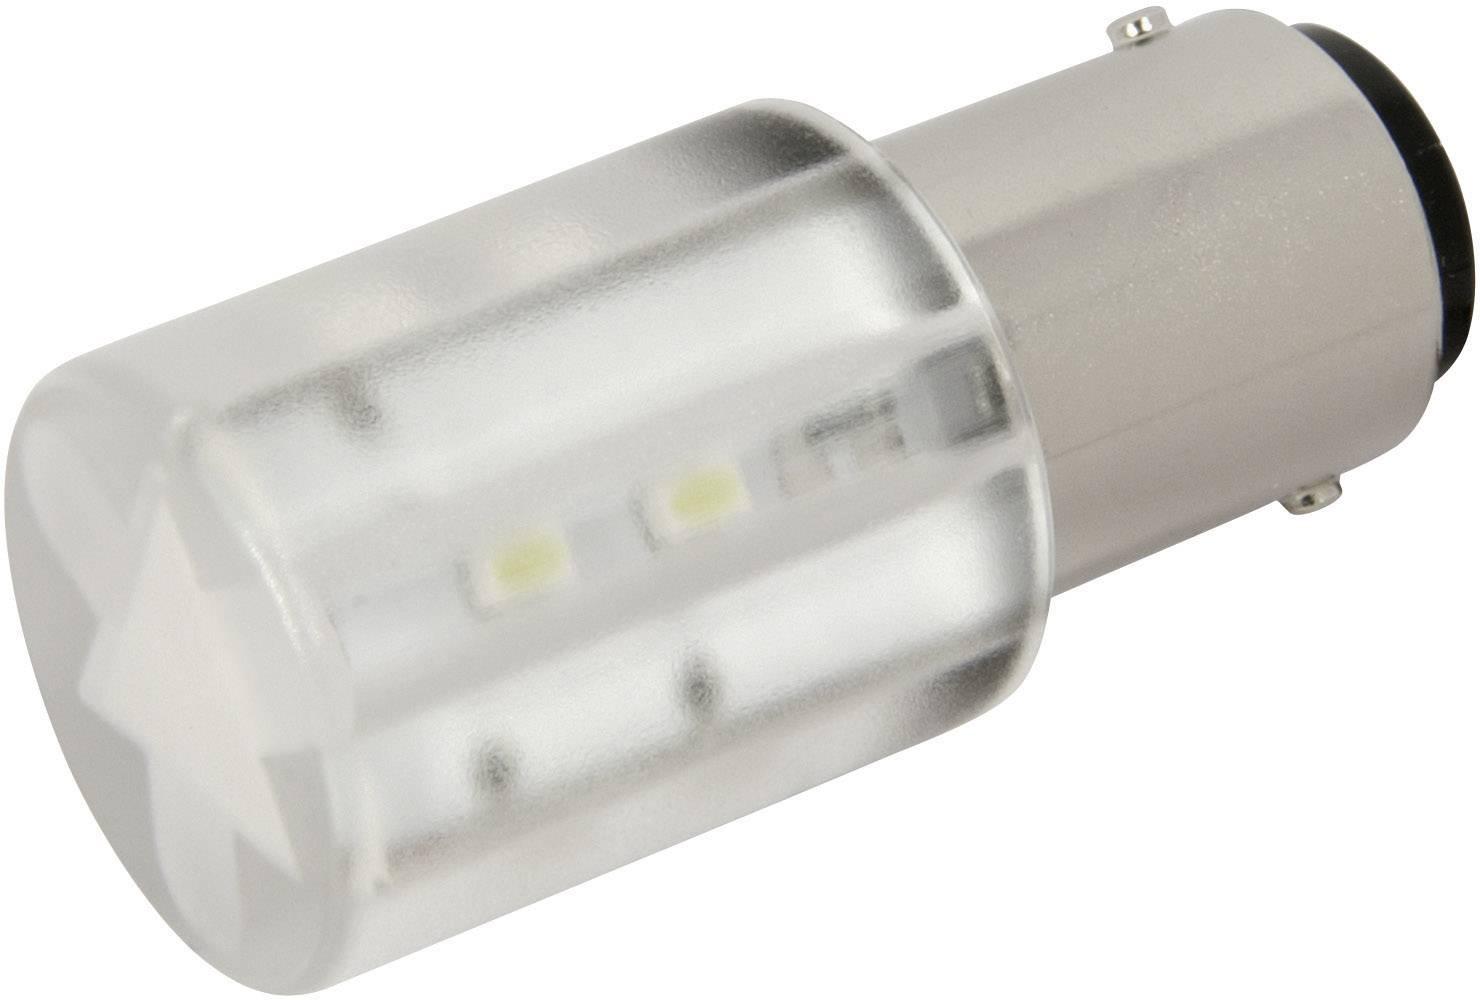 LEDžiarovka CML 1856123W, BA15d, 230 V/AC, 380 mcd, chladná biela